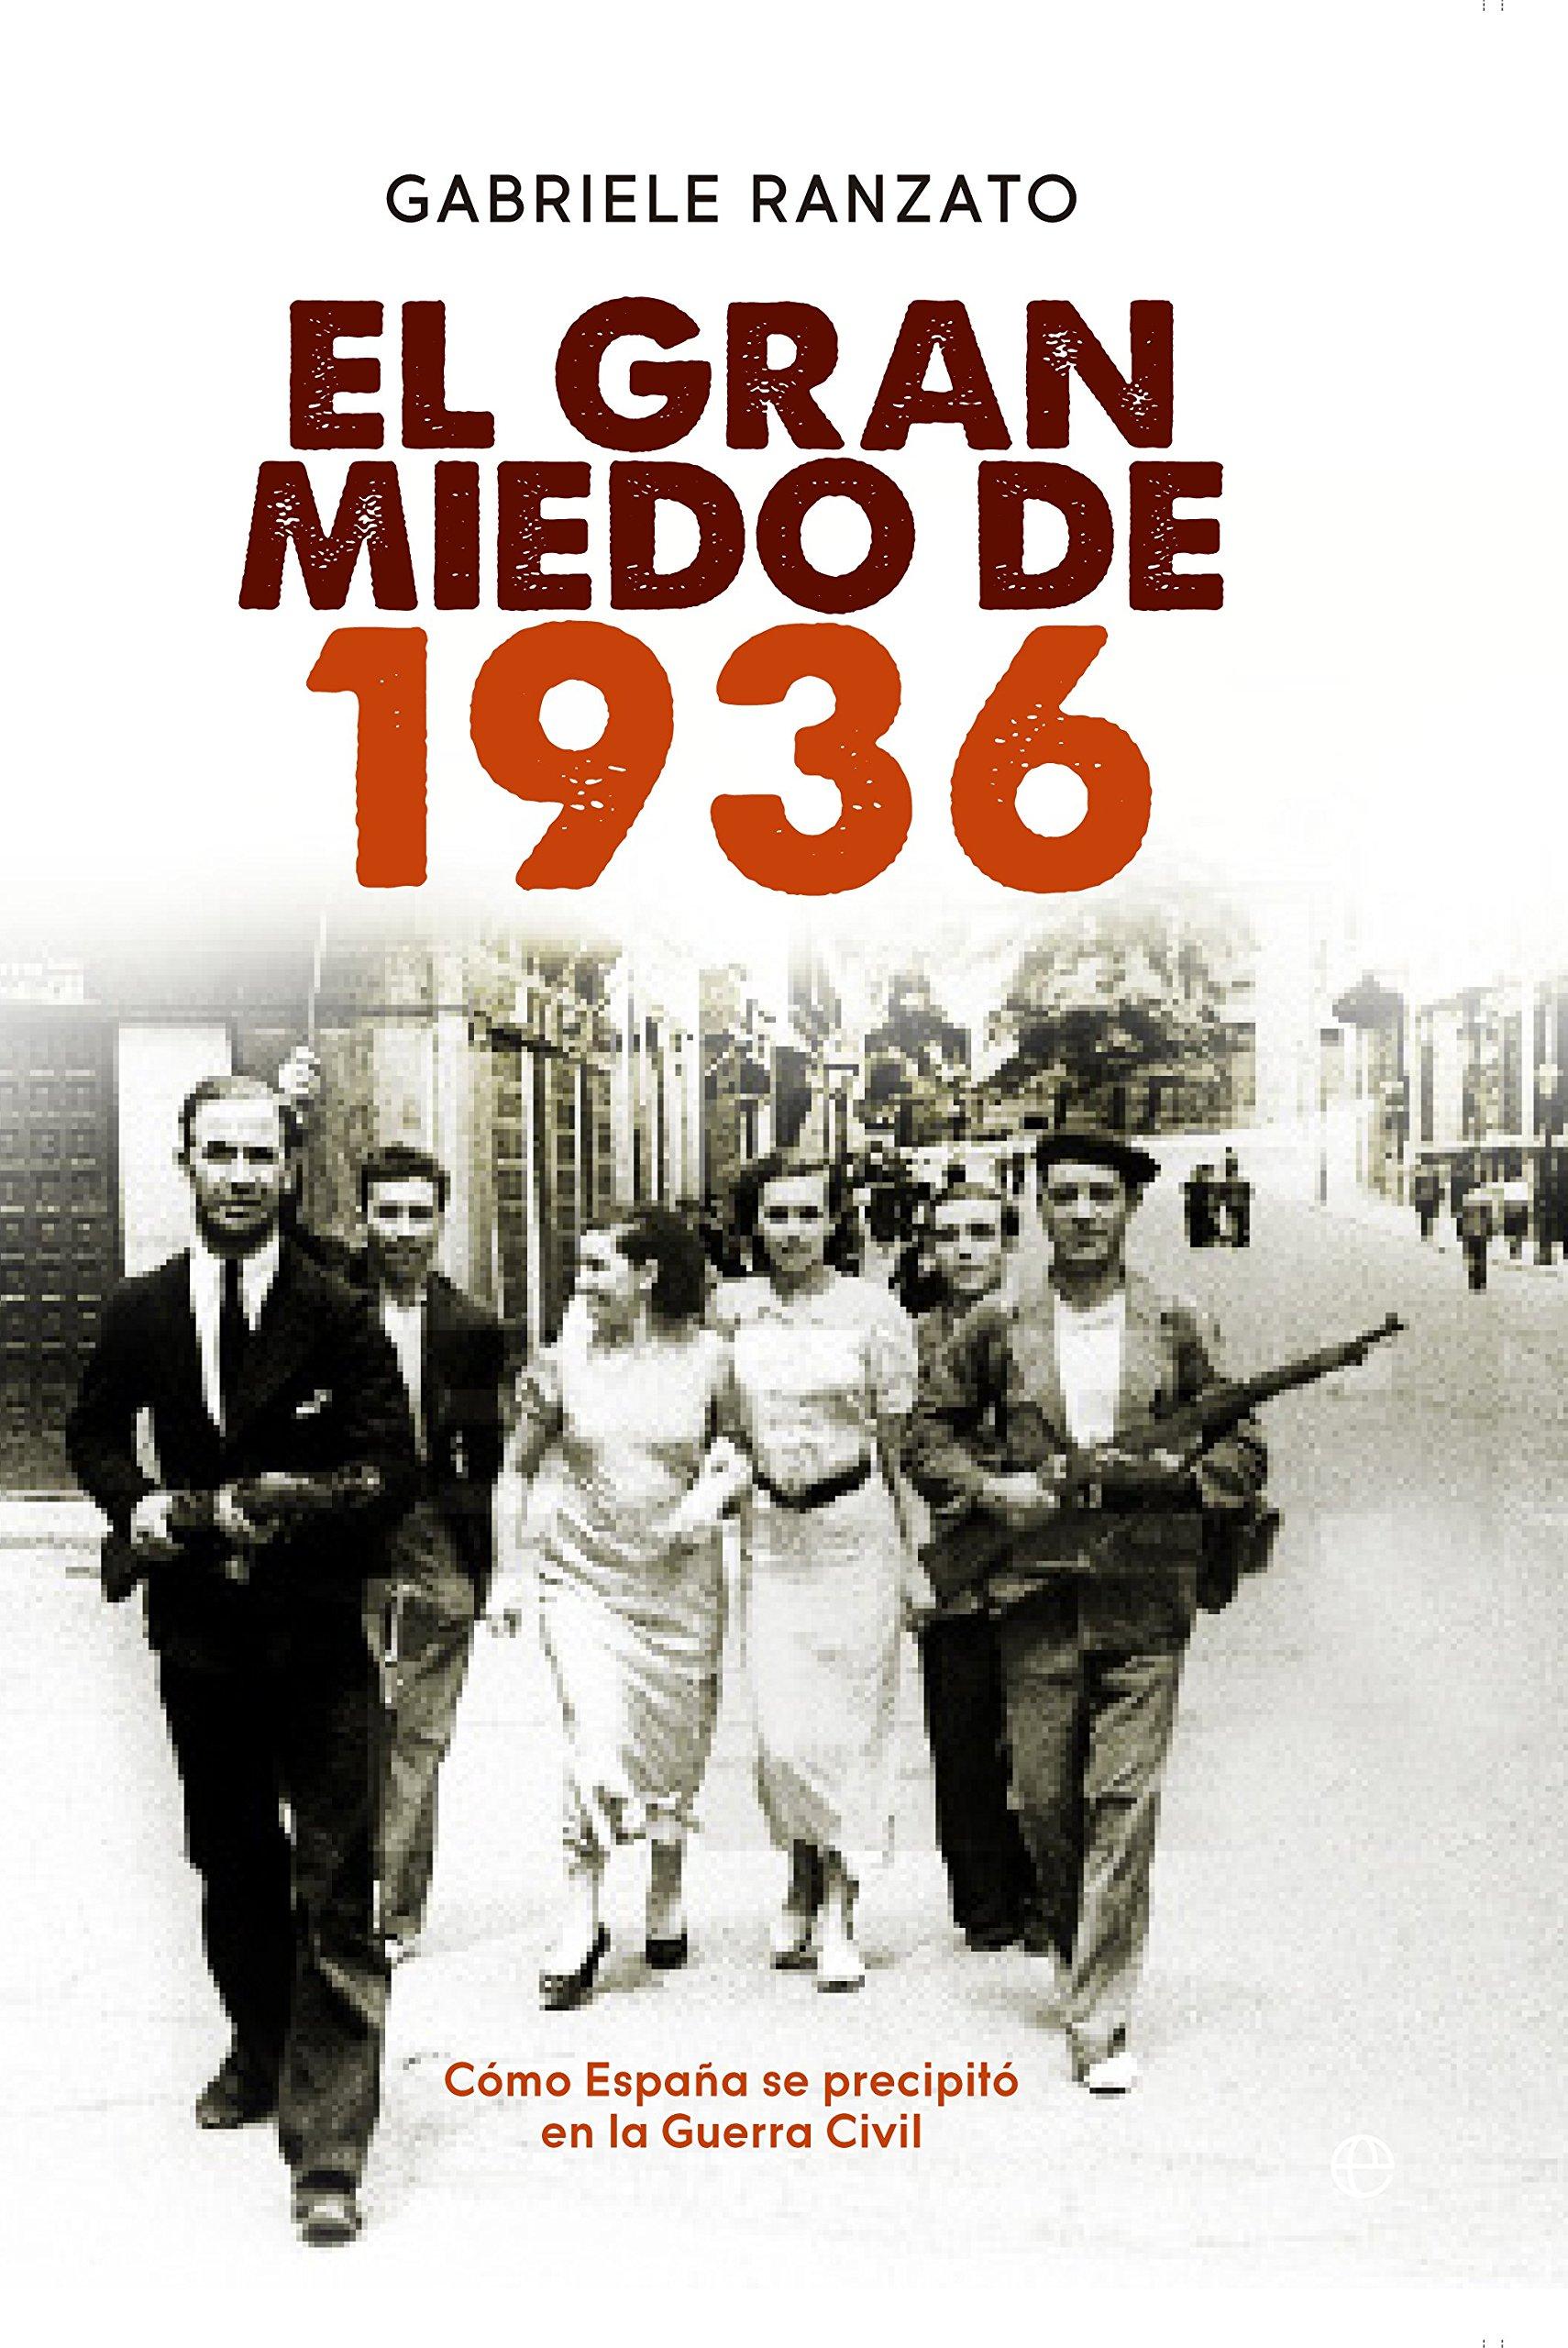 El gran miedo de 1936: Cómo España se precipitó en la Guerra Civil Historia: Amazon.es: Ranzato, Gabriele, Gentile Vitale, Juan Carlos: Libros